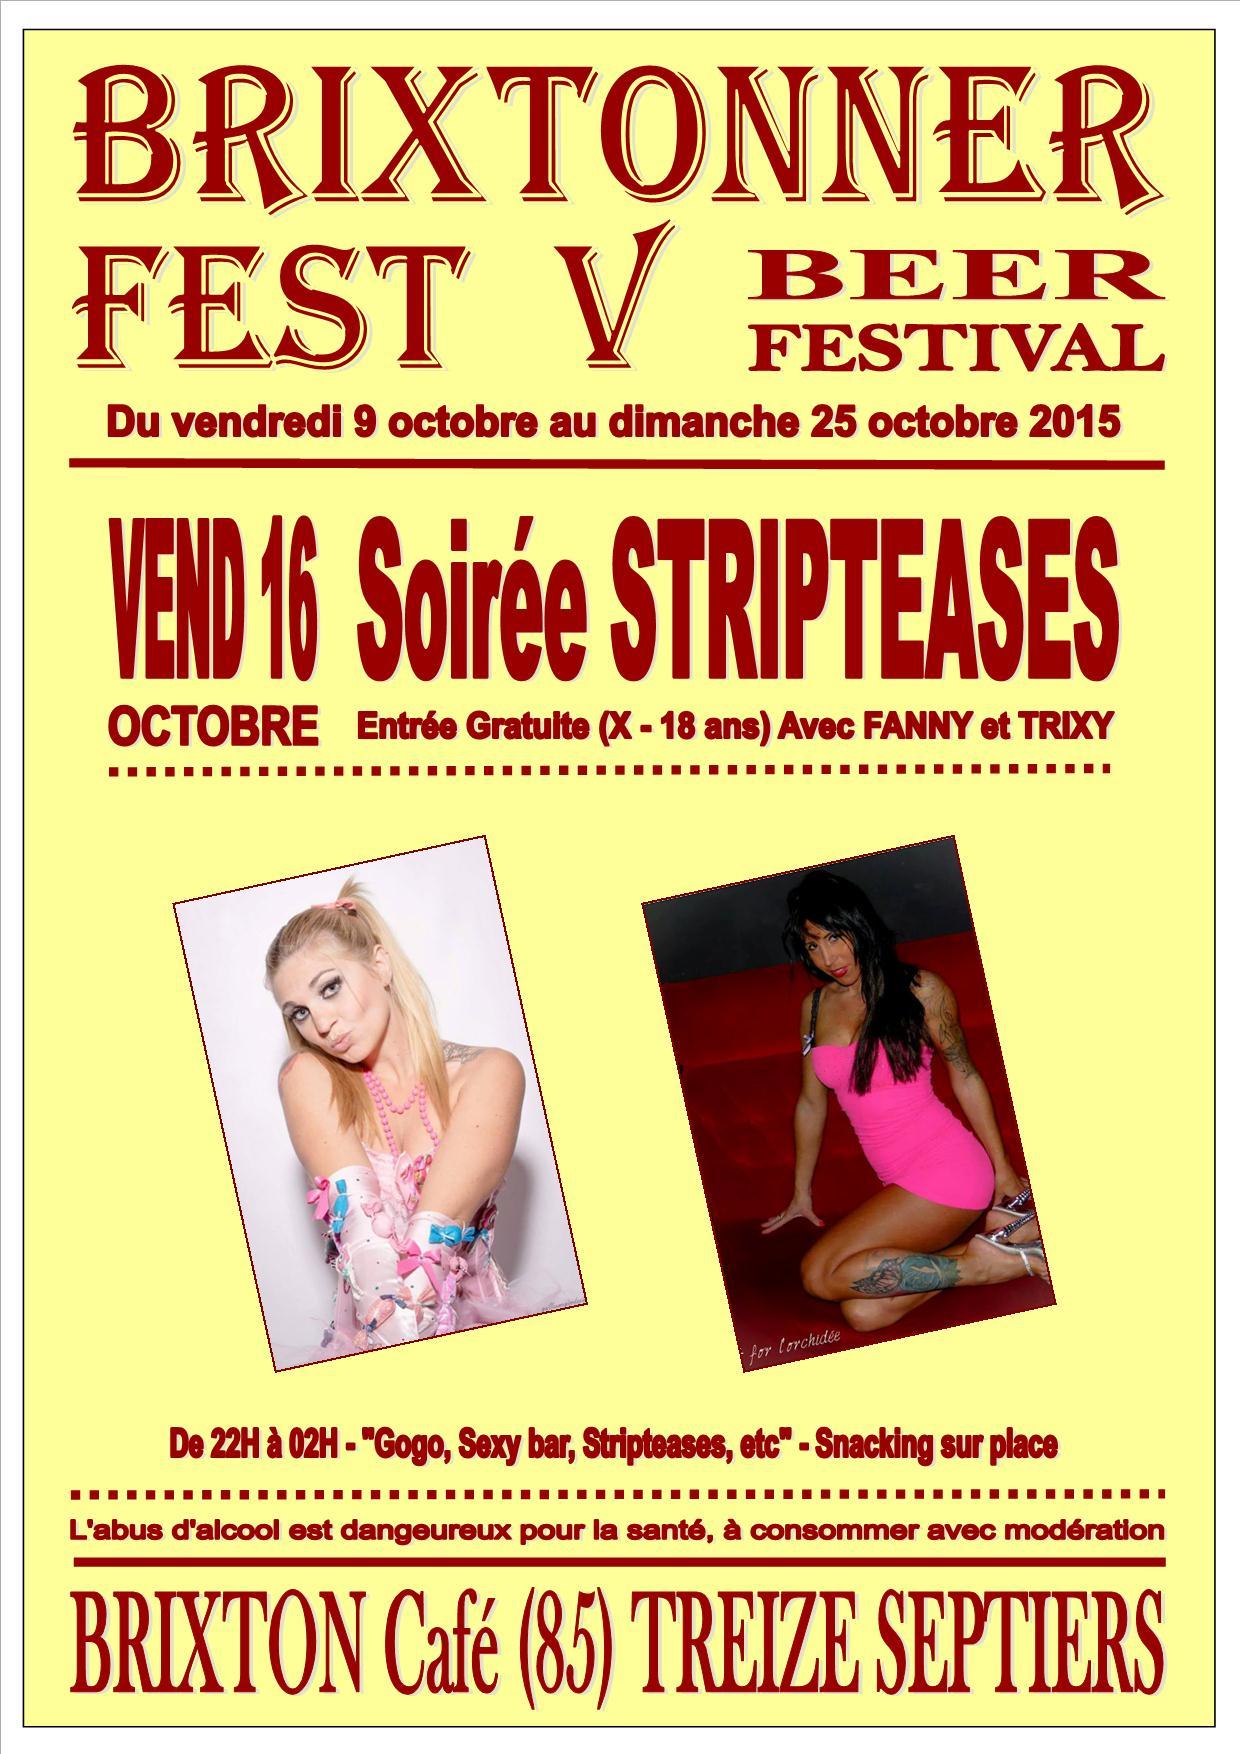 Brixtonner 2015 Soirée Stripteases